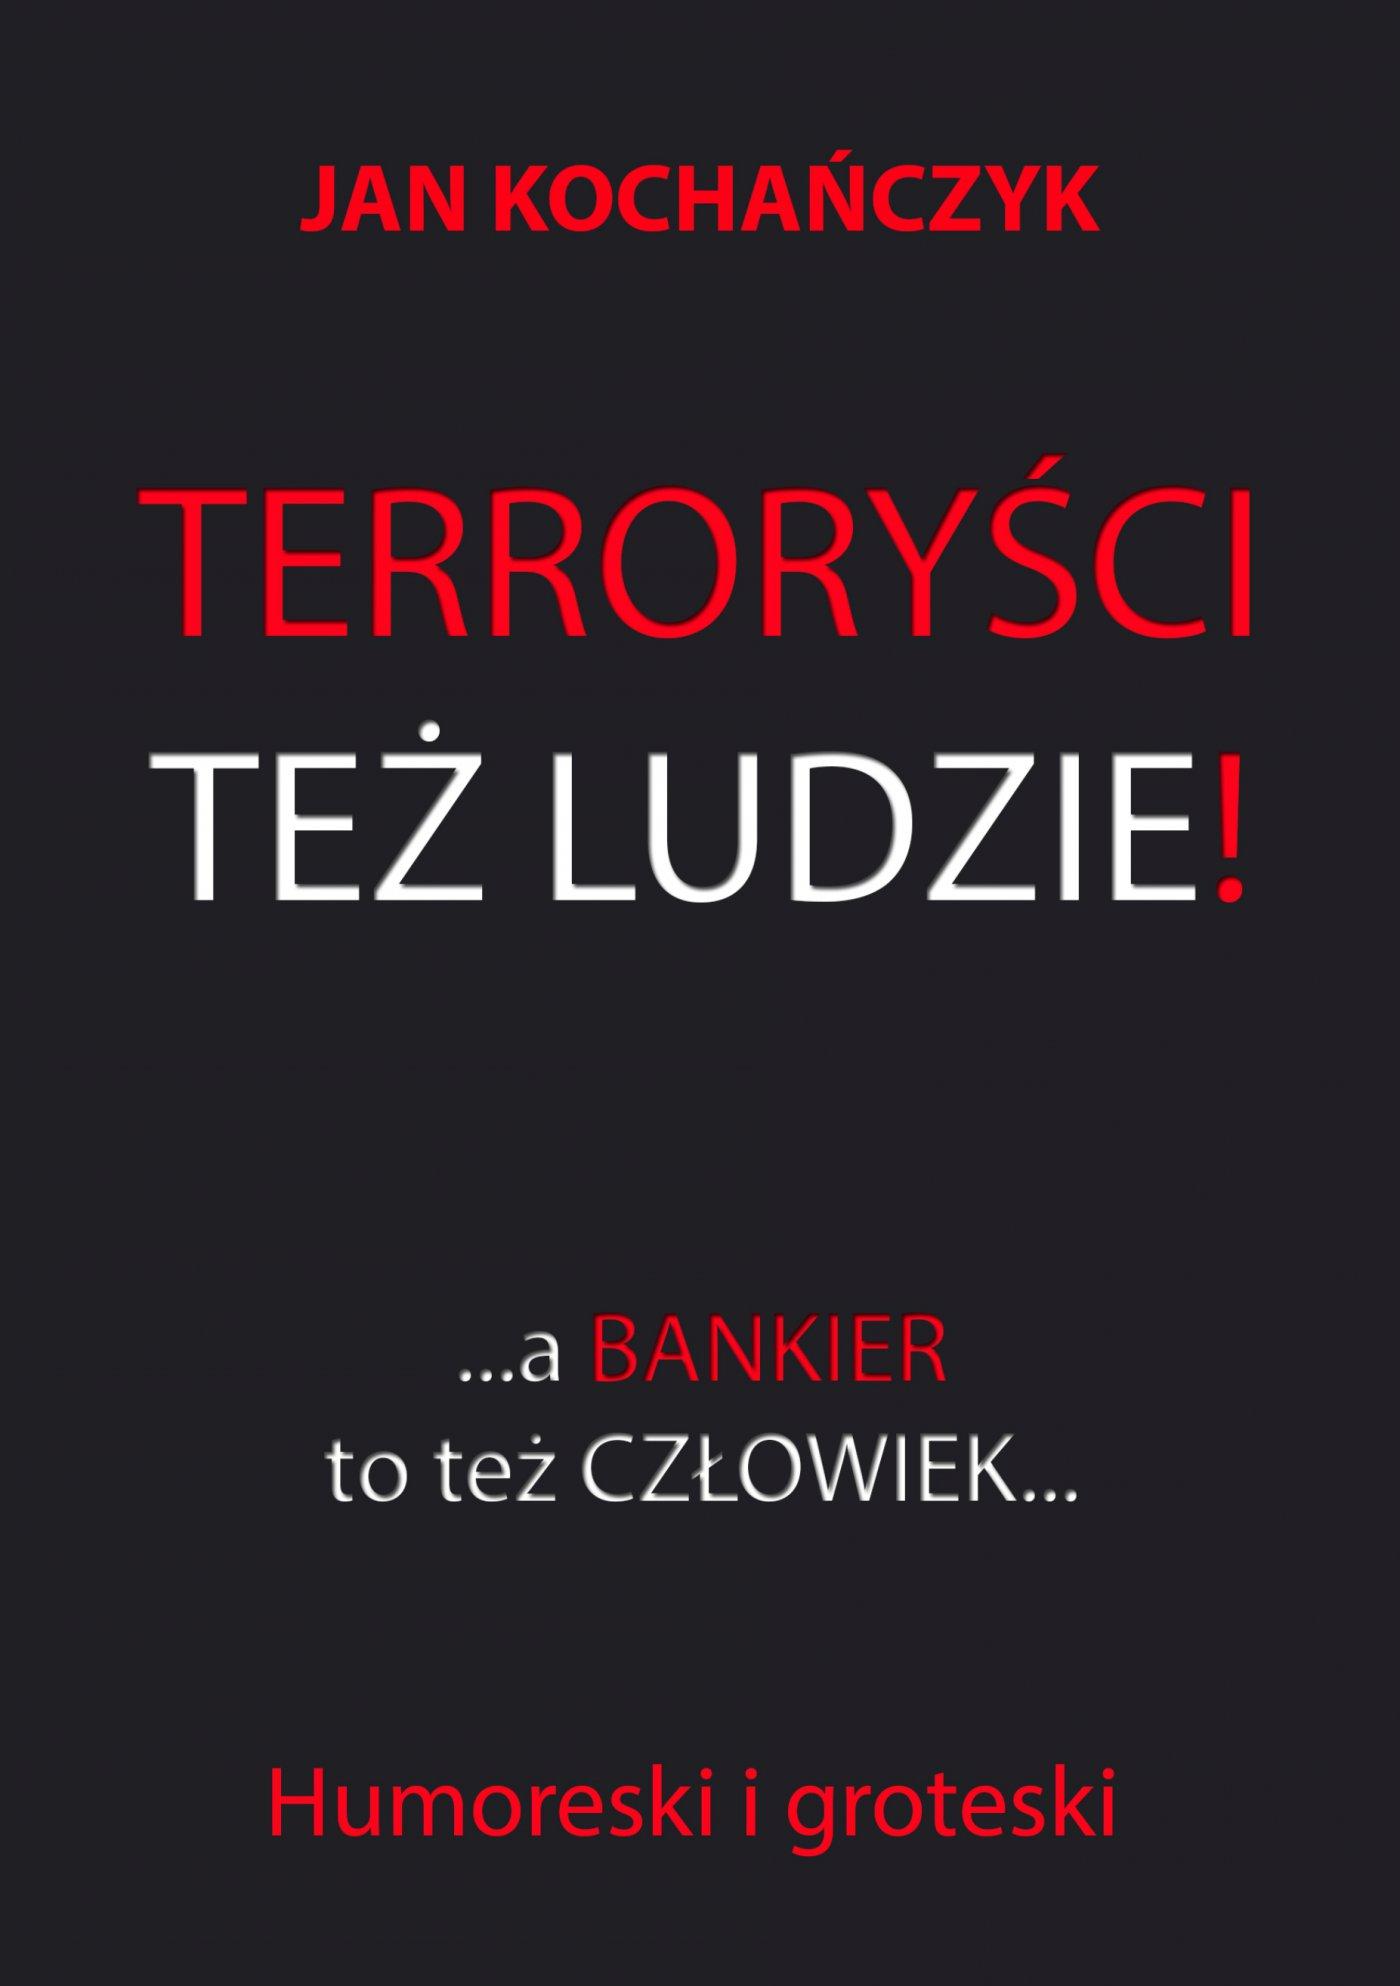 Terroryści też ludzie! - Ebook (Książka EPUB) do pobrania w formacie EPUB